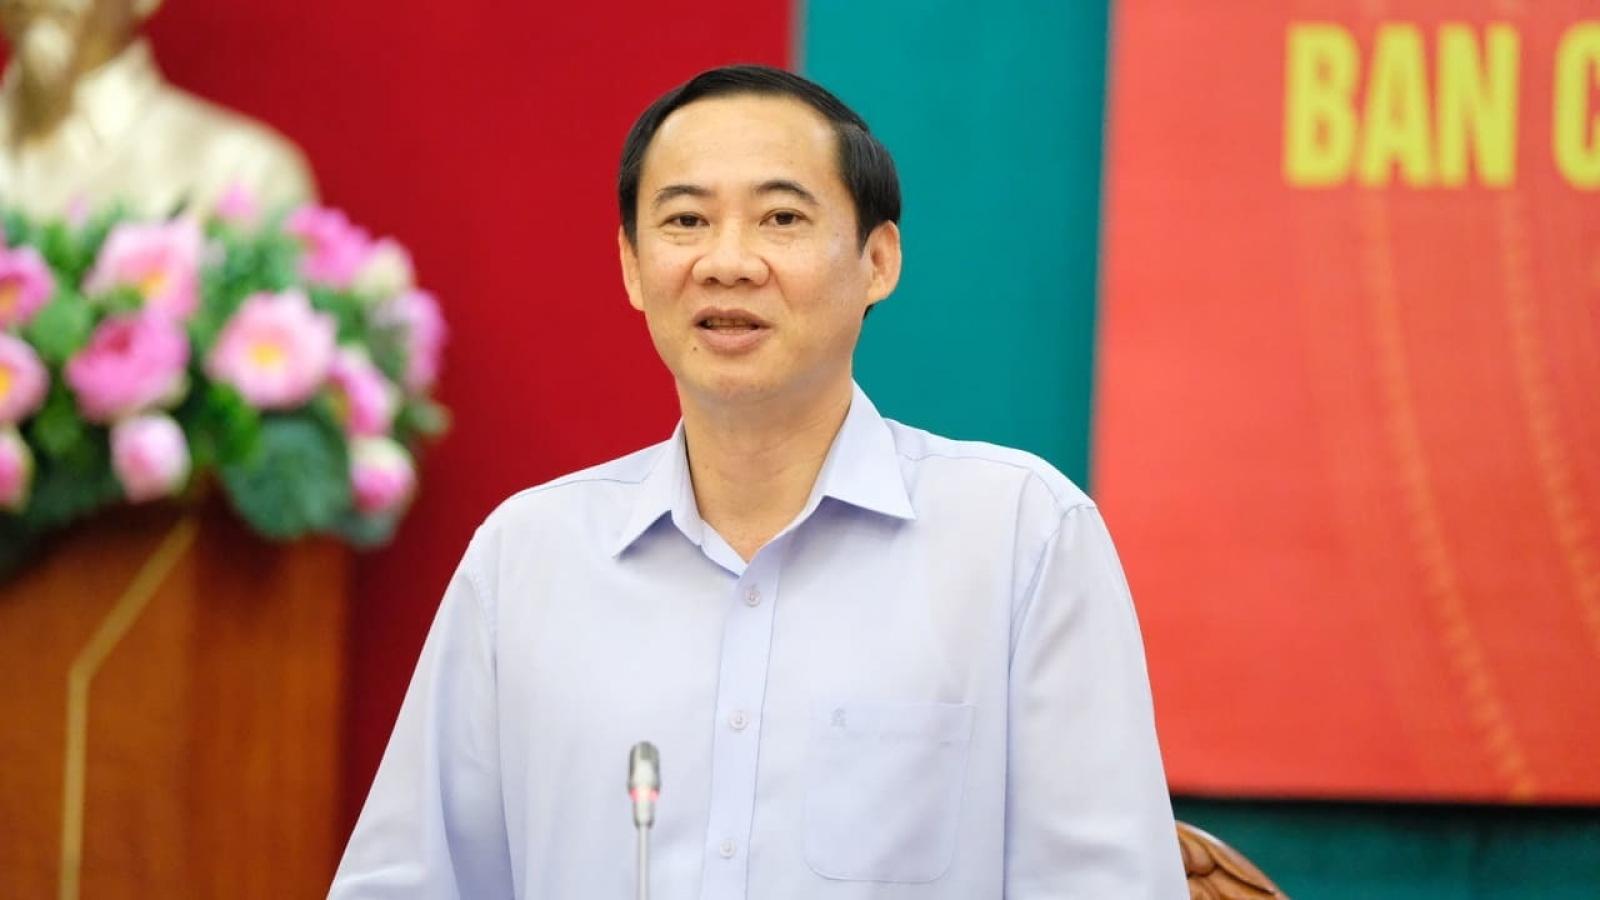 """Theo dõi, đôn đốc sát sao giai đoạn 2 vụ """"siêu lừa"""" Dương Thanh Cường"""